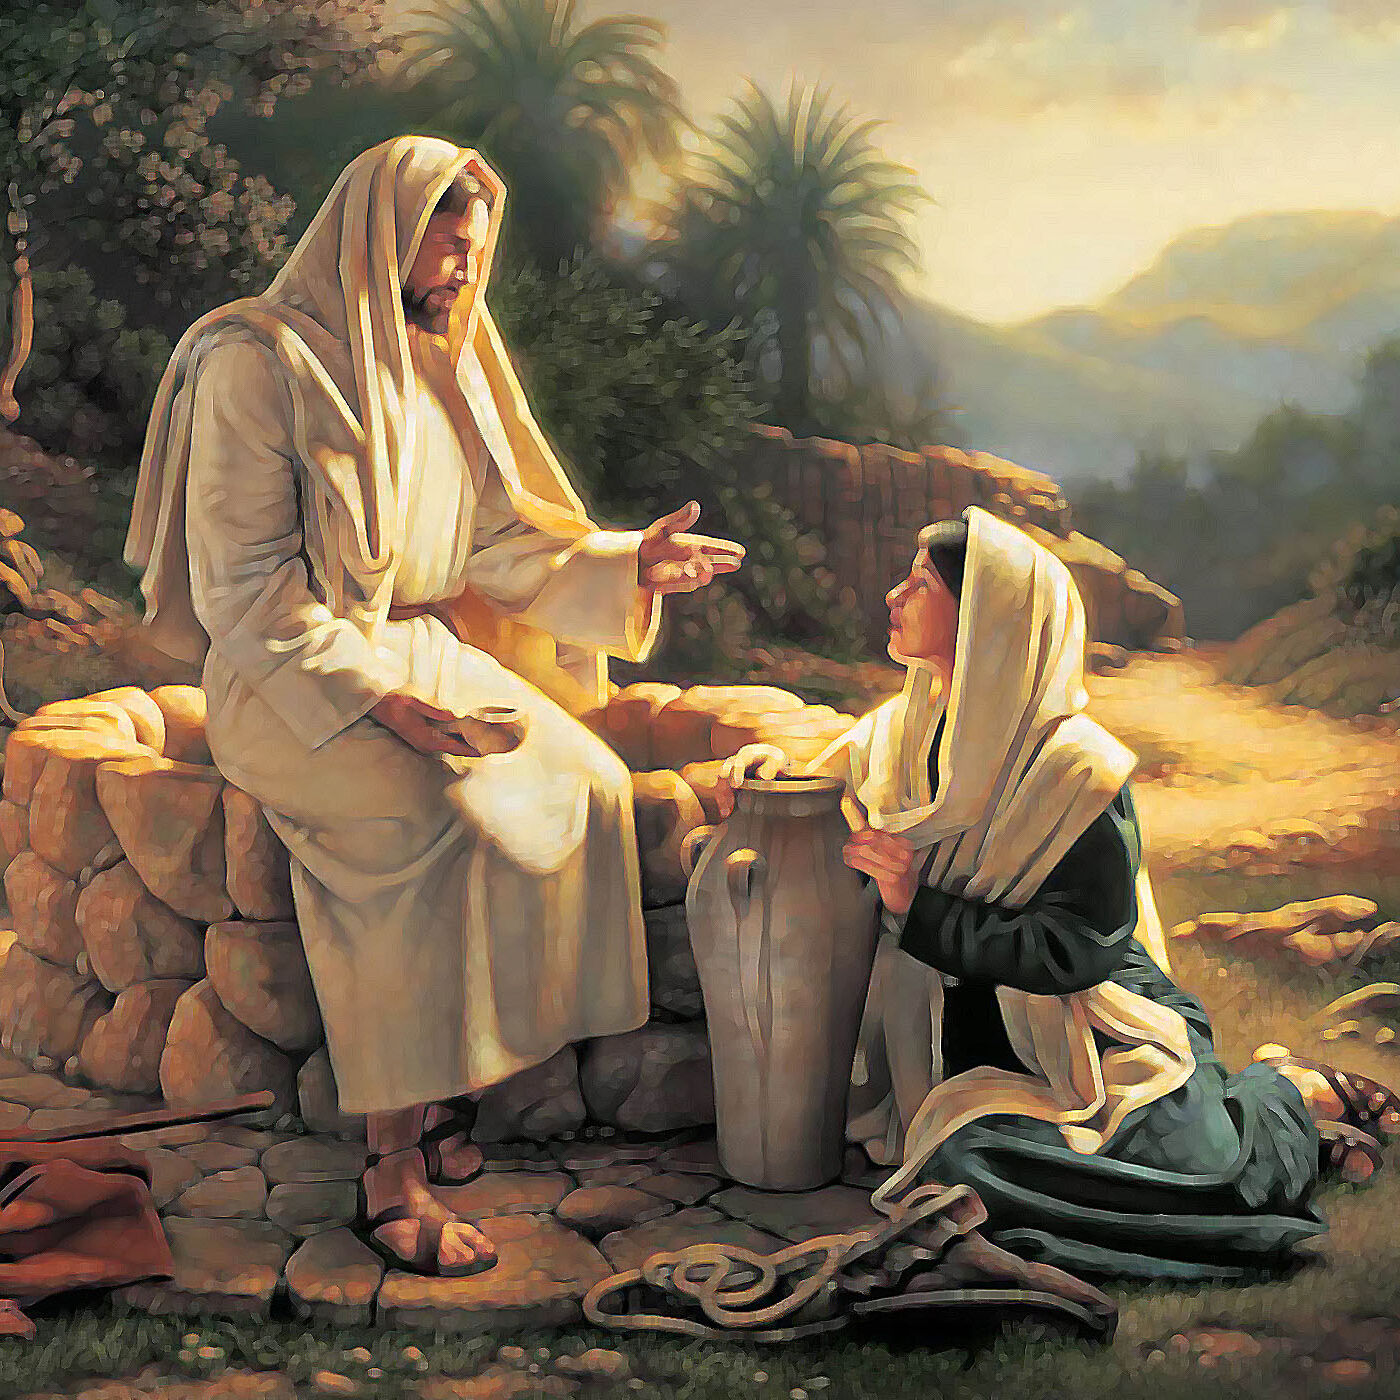 riflessioni sul Vangelo di Lunedì 28 Dicembre 2020 (Mt 2, 13-18) - Apostola Simona